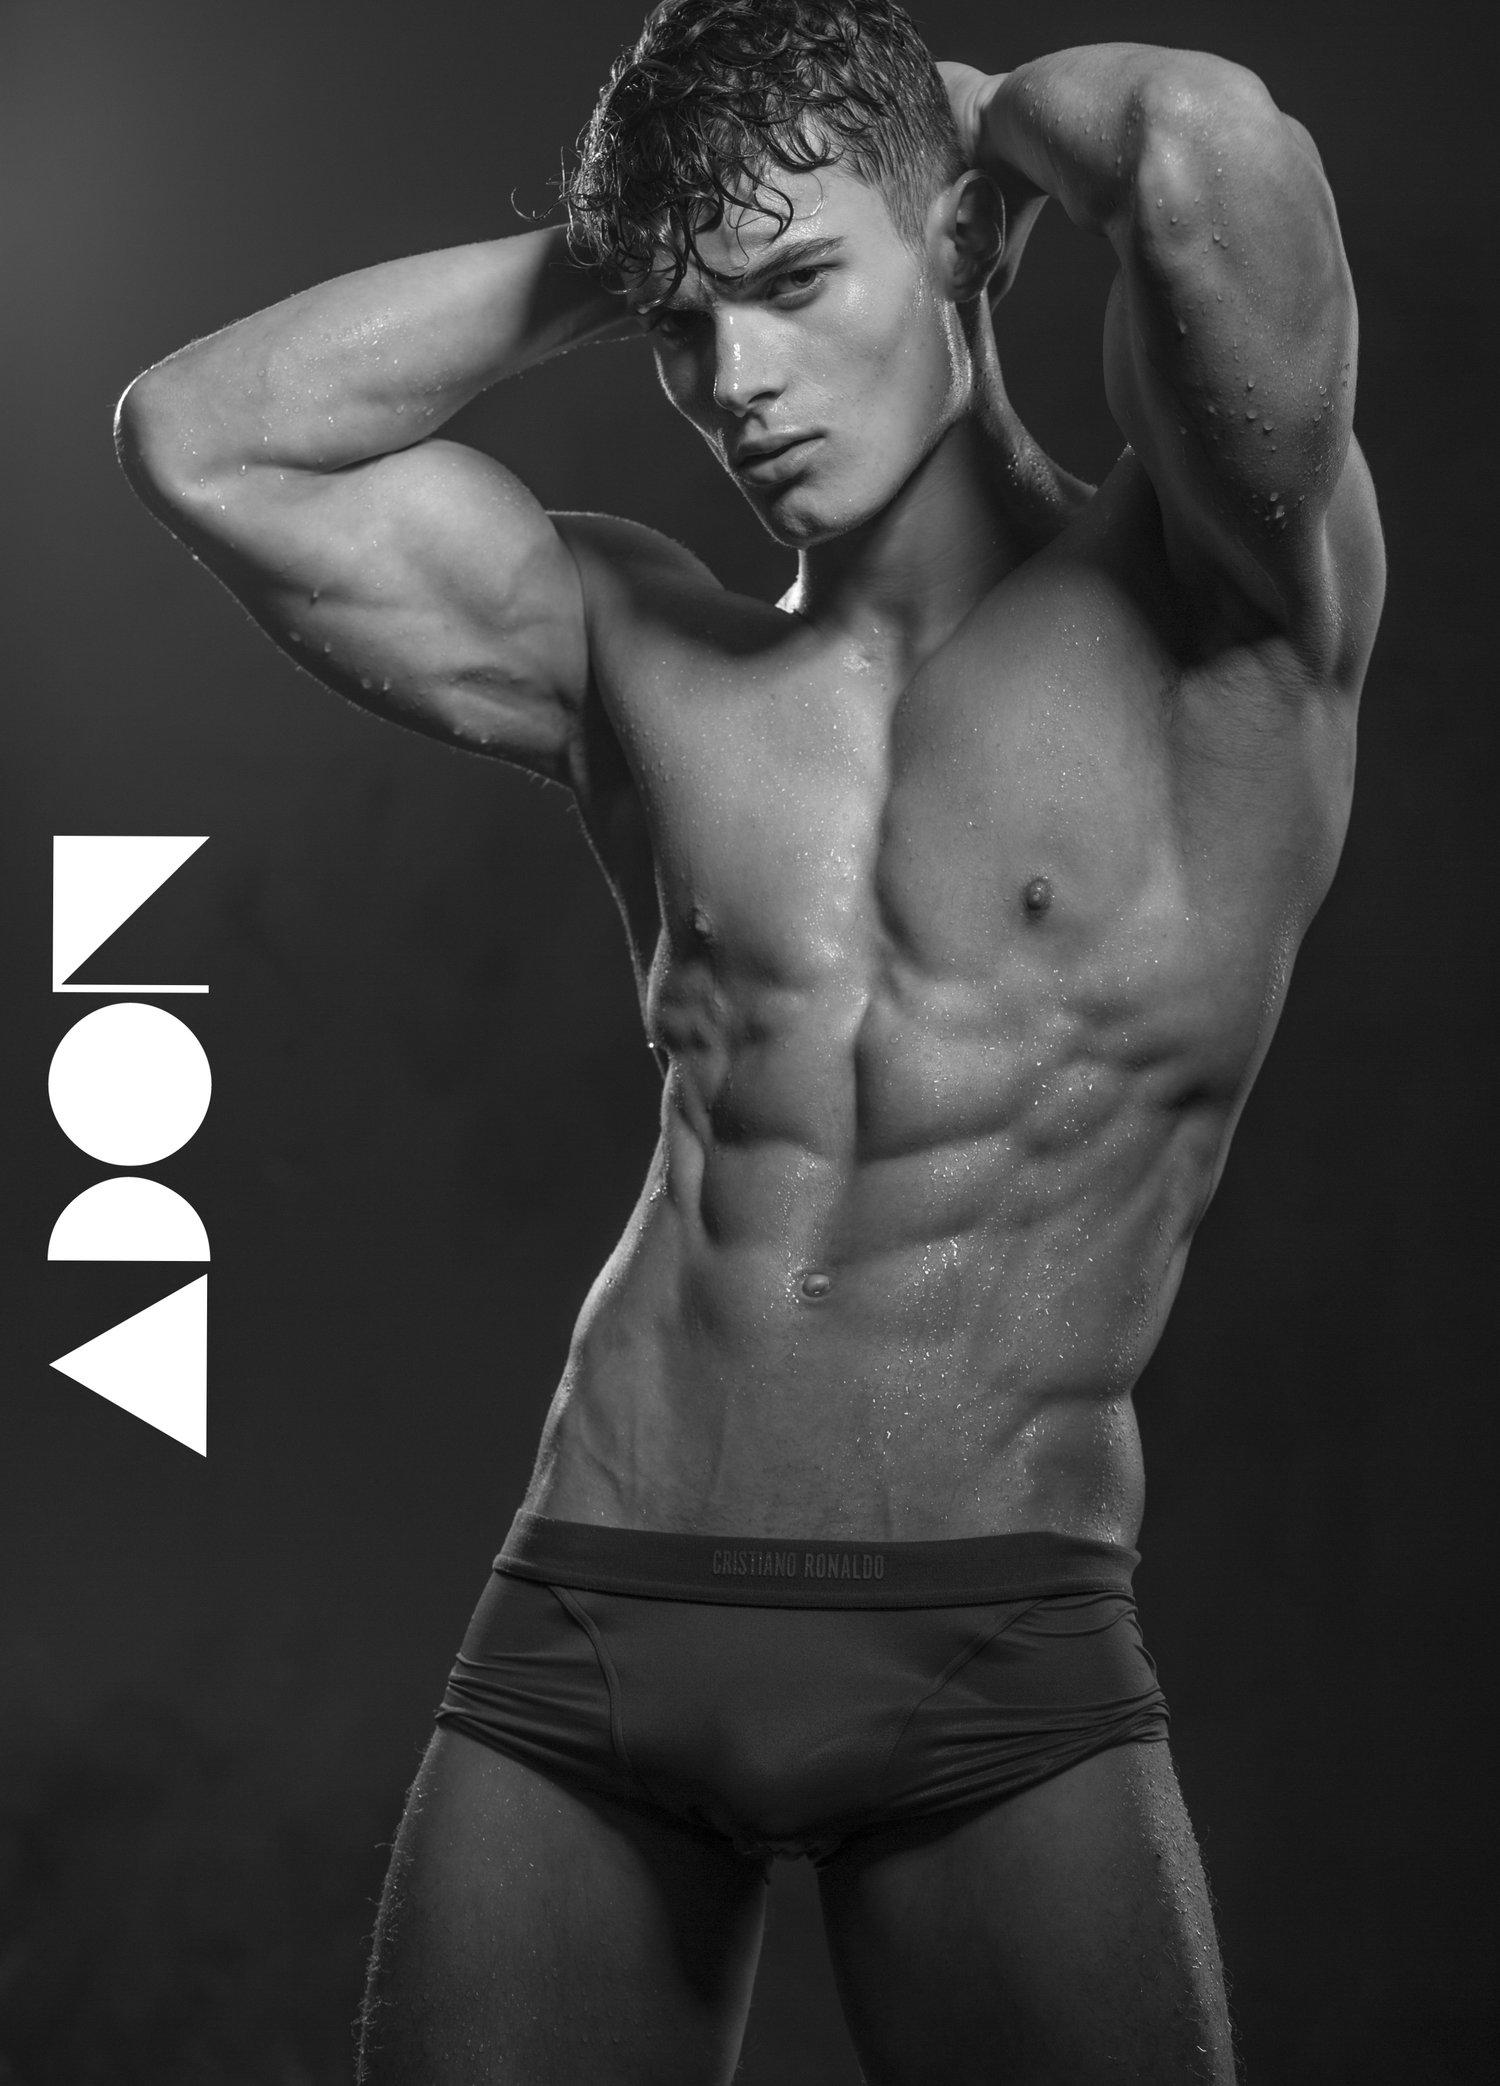 Adon Exclusive: Model Karl Leonhard Stuke By Paul Van Der Linde